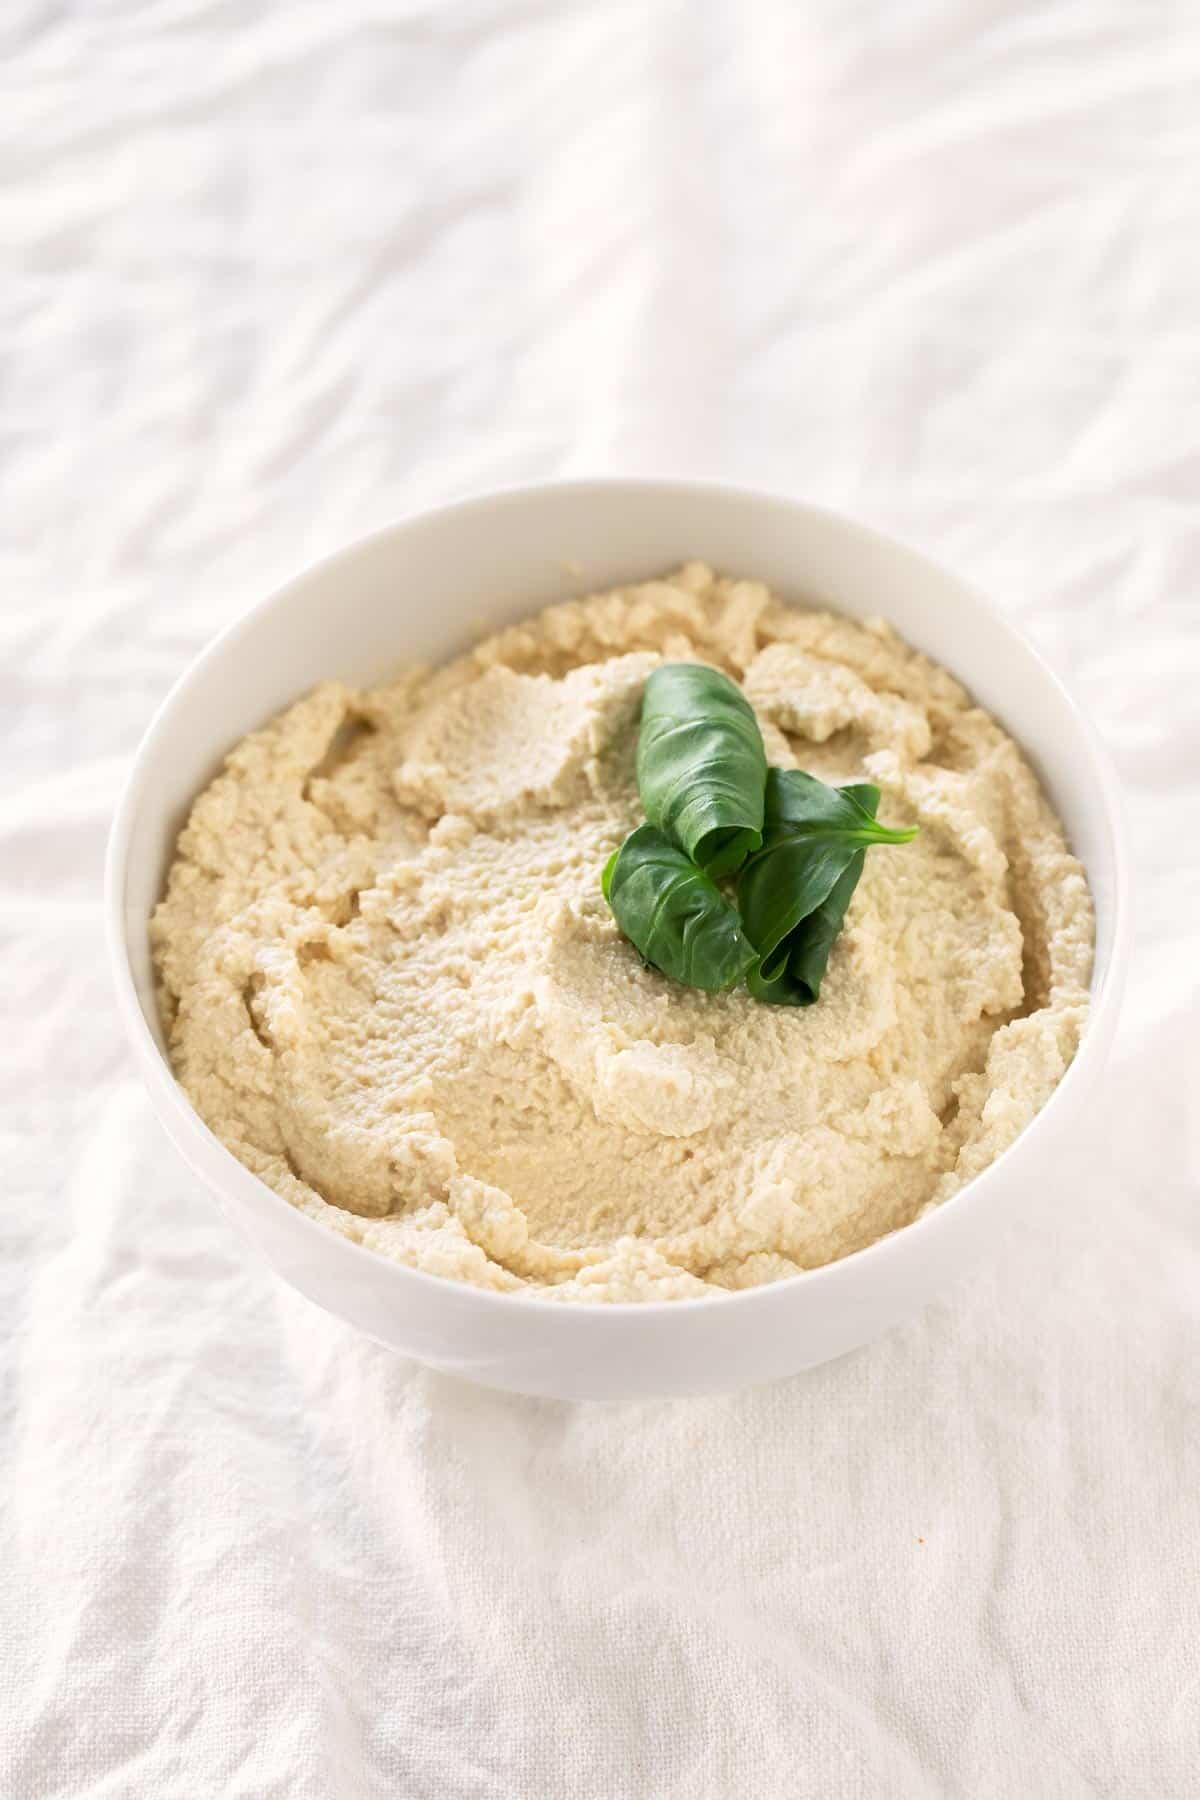 Ricotta Vegano de Tofu.- Para hacer este ricotta de tofu sólo se necesitan 4 ingredientes. Es un queso vegano muy rico y se prepara en menos de 5 minutos.